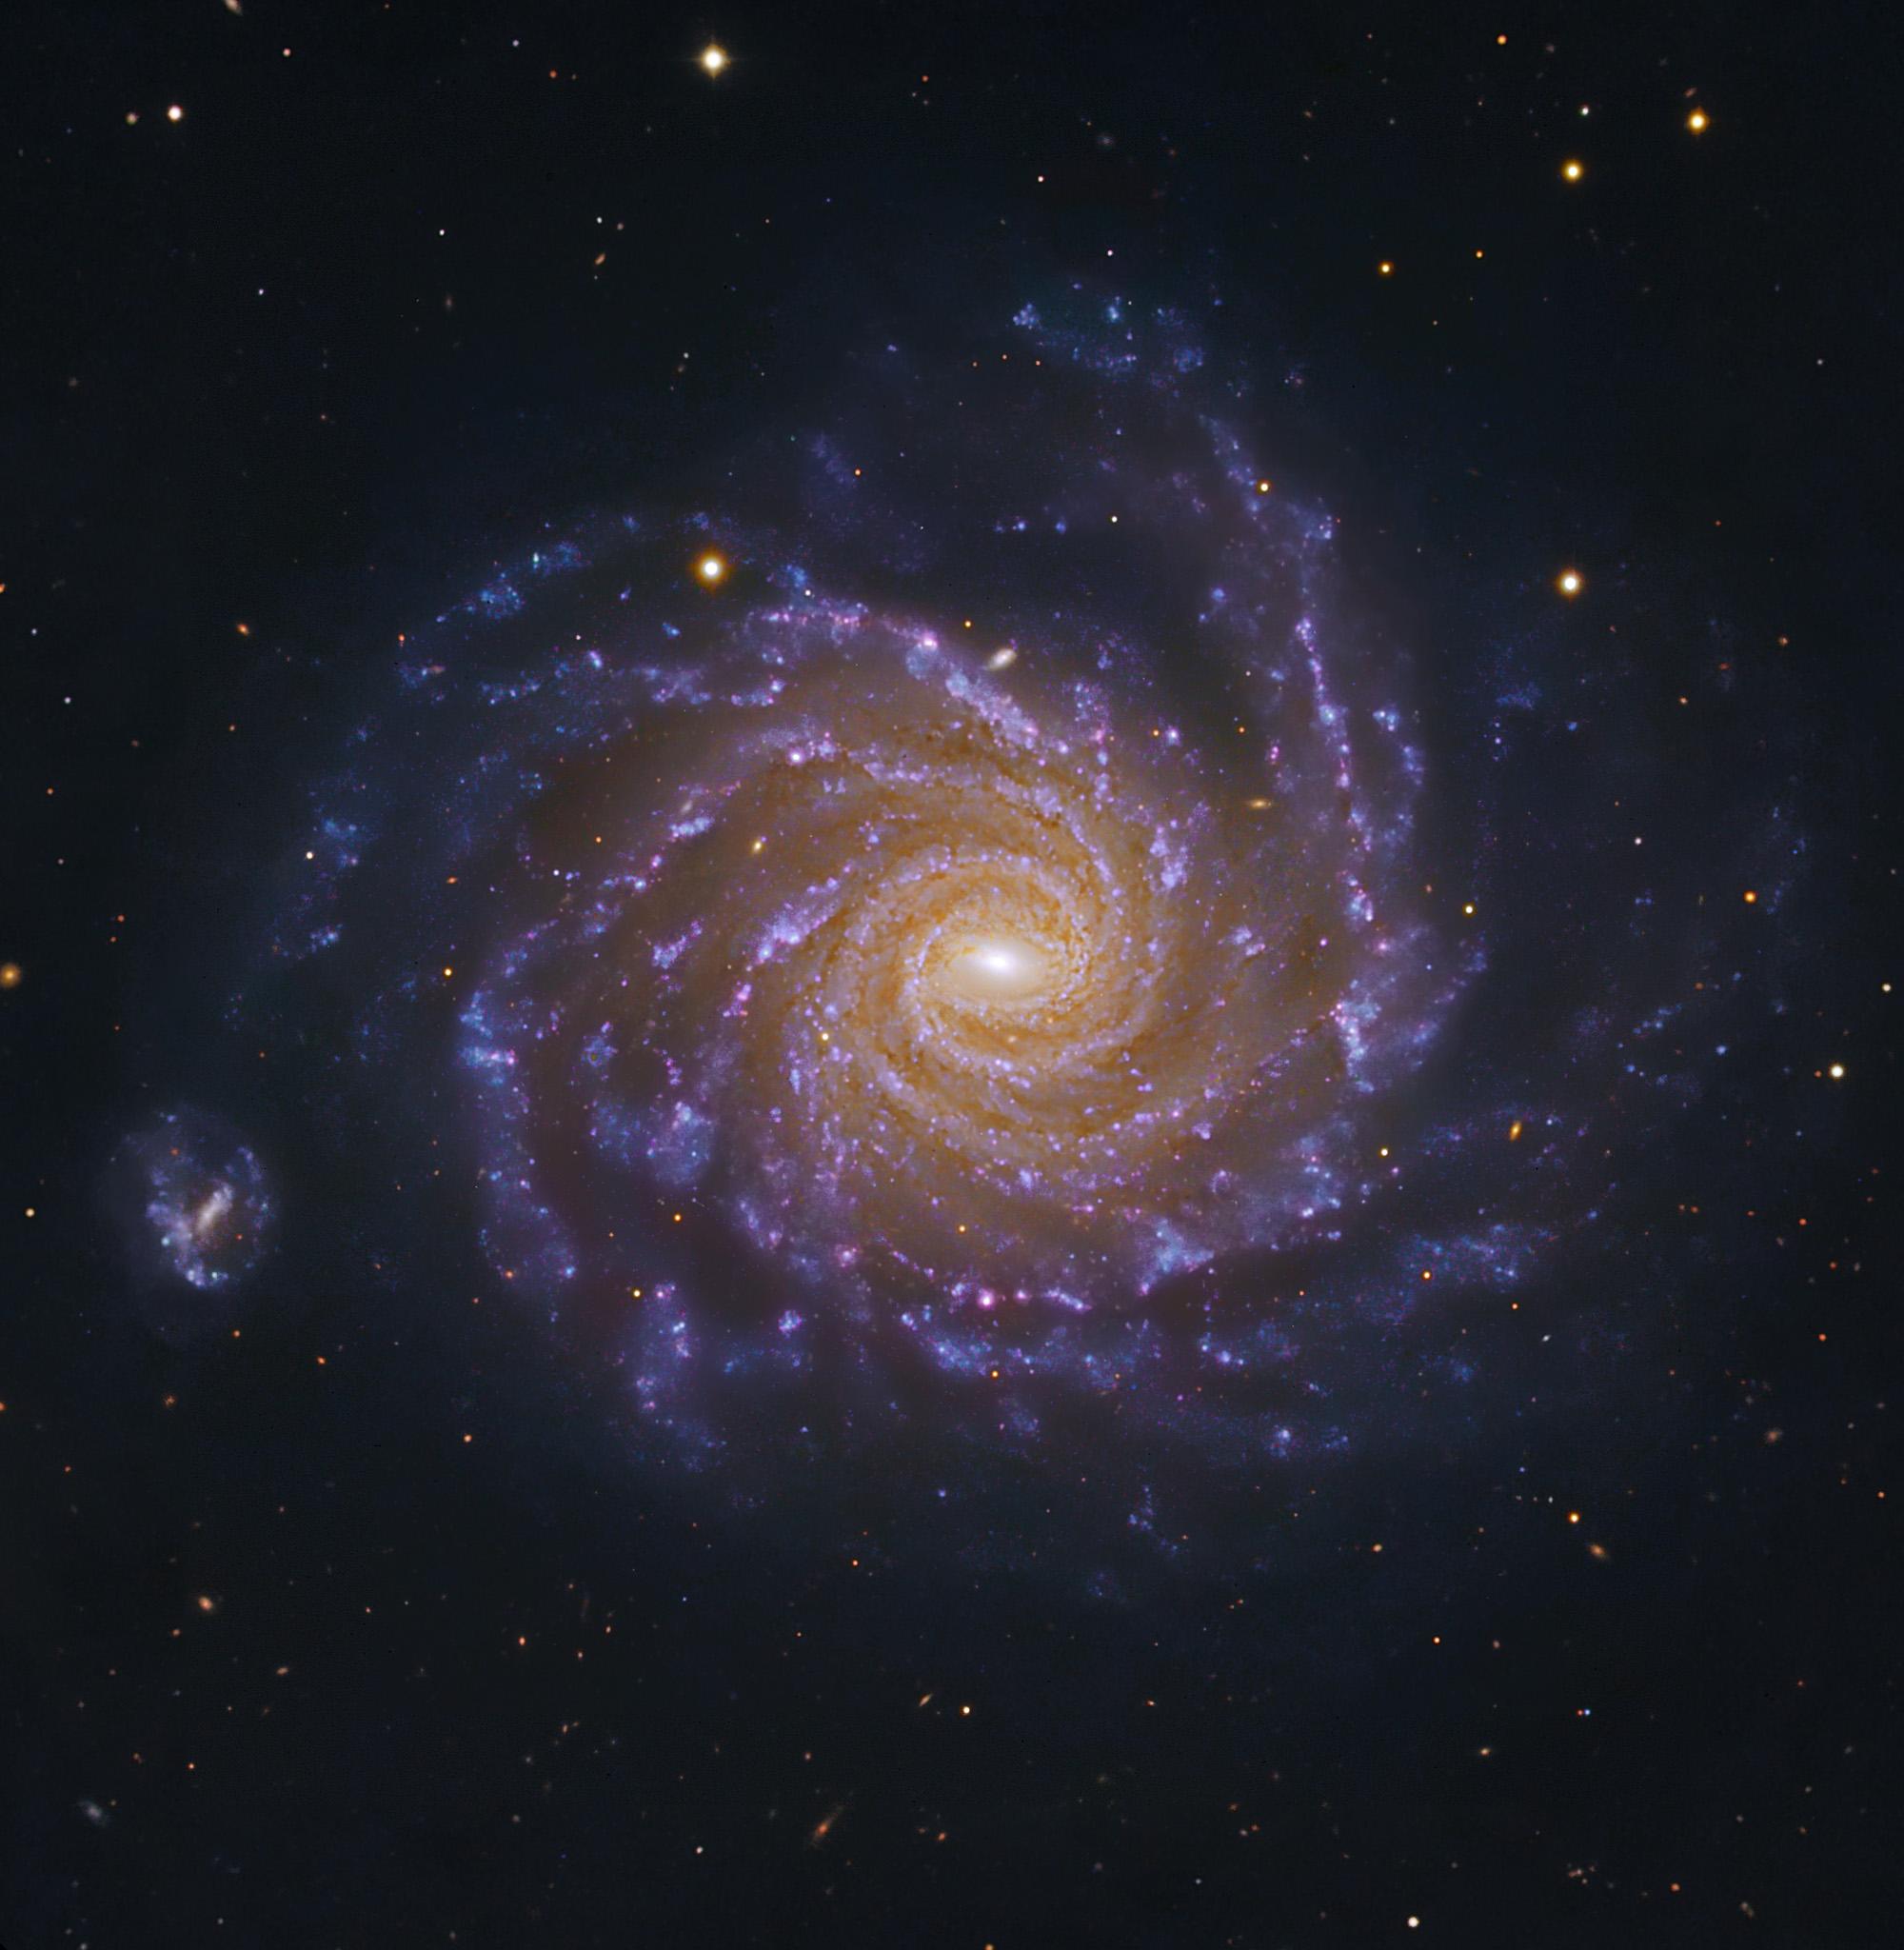 NGC1232-Subaru-ESO-L